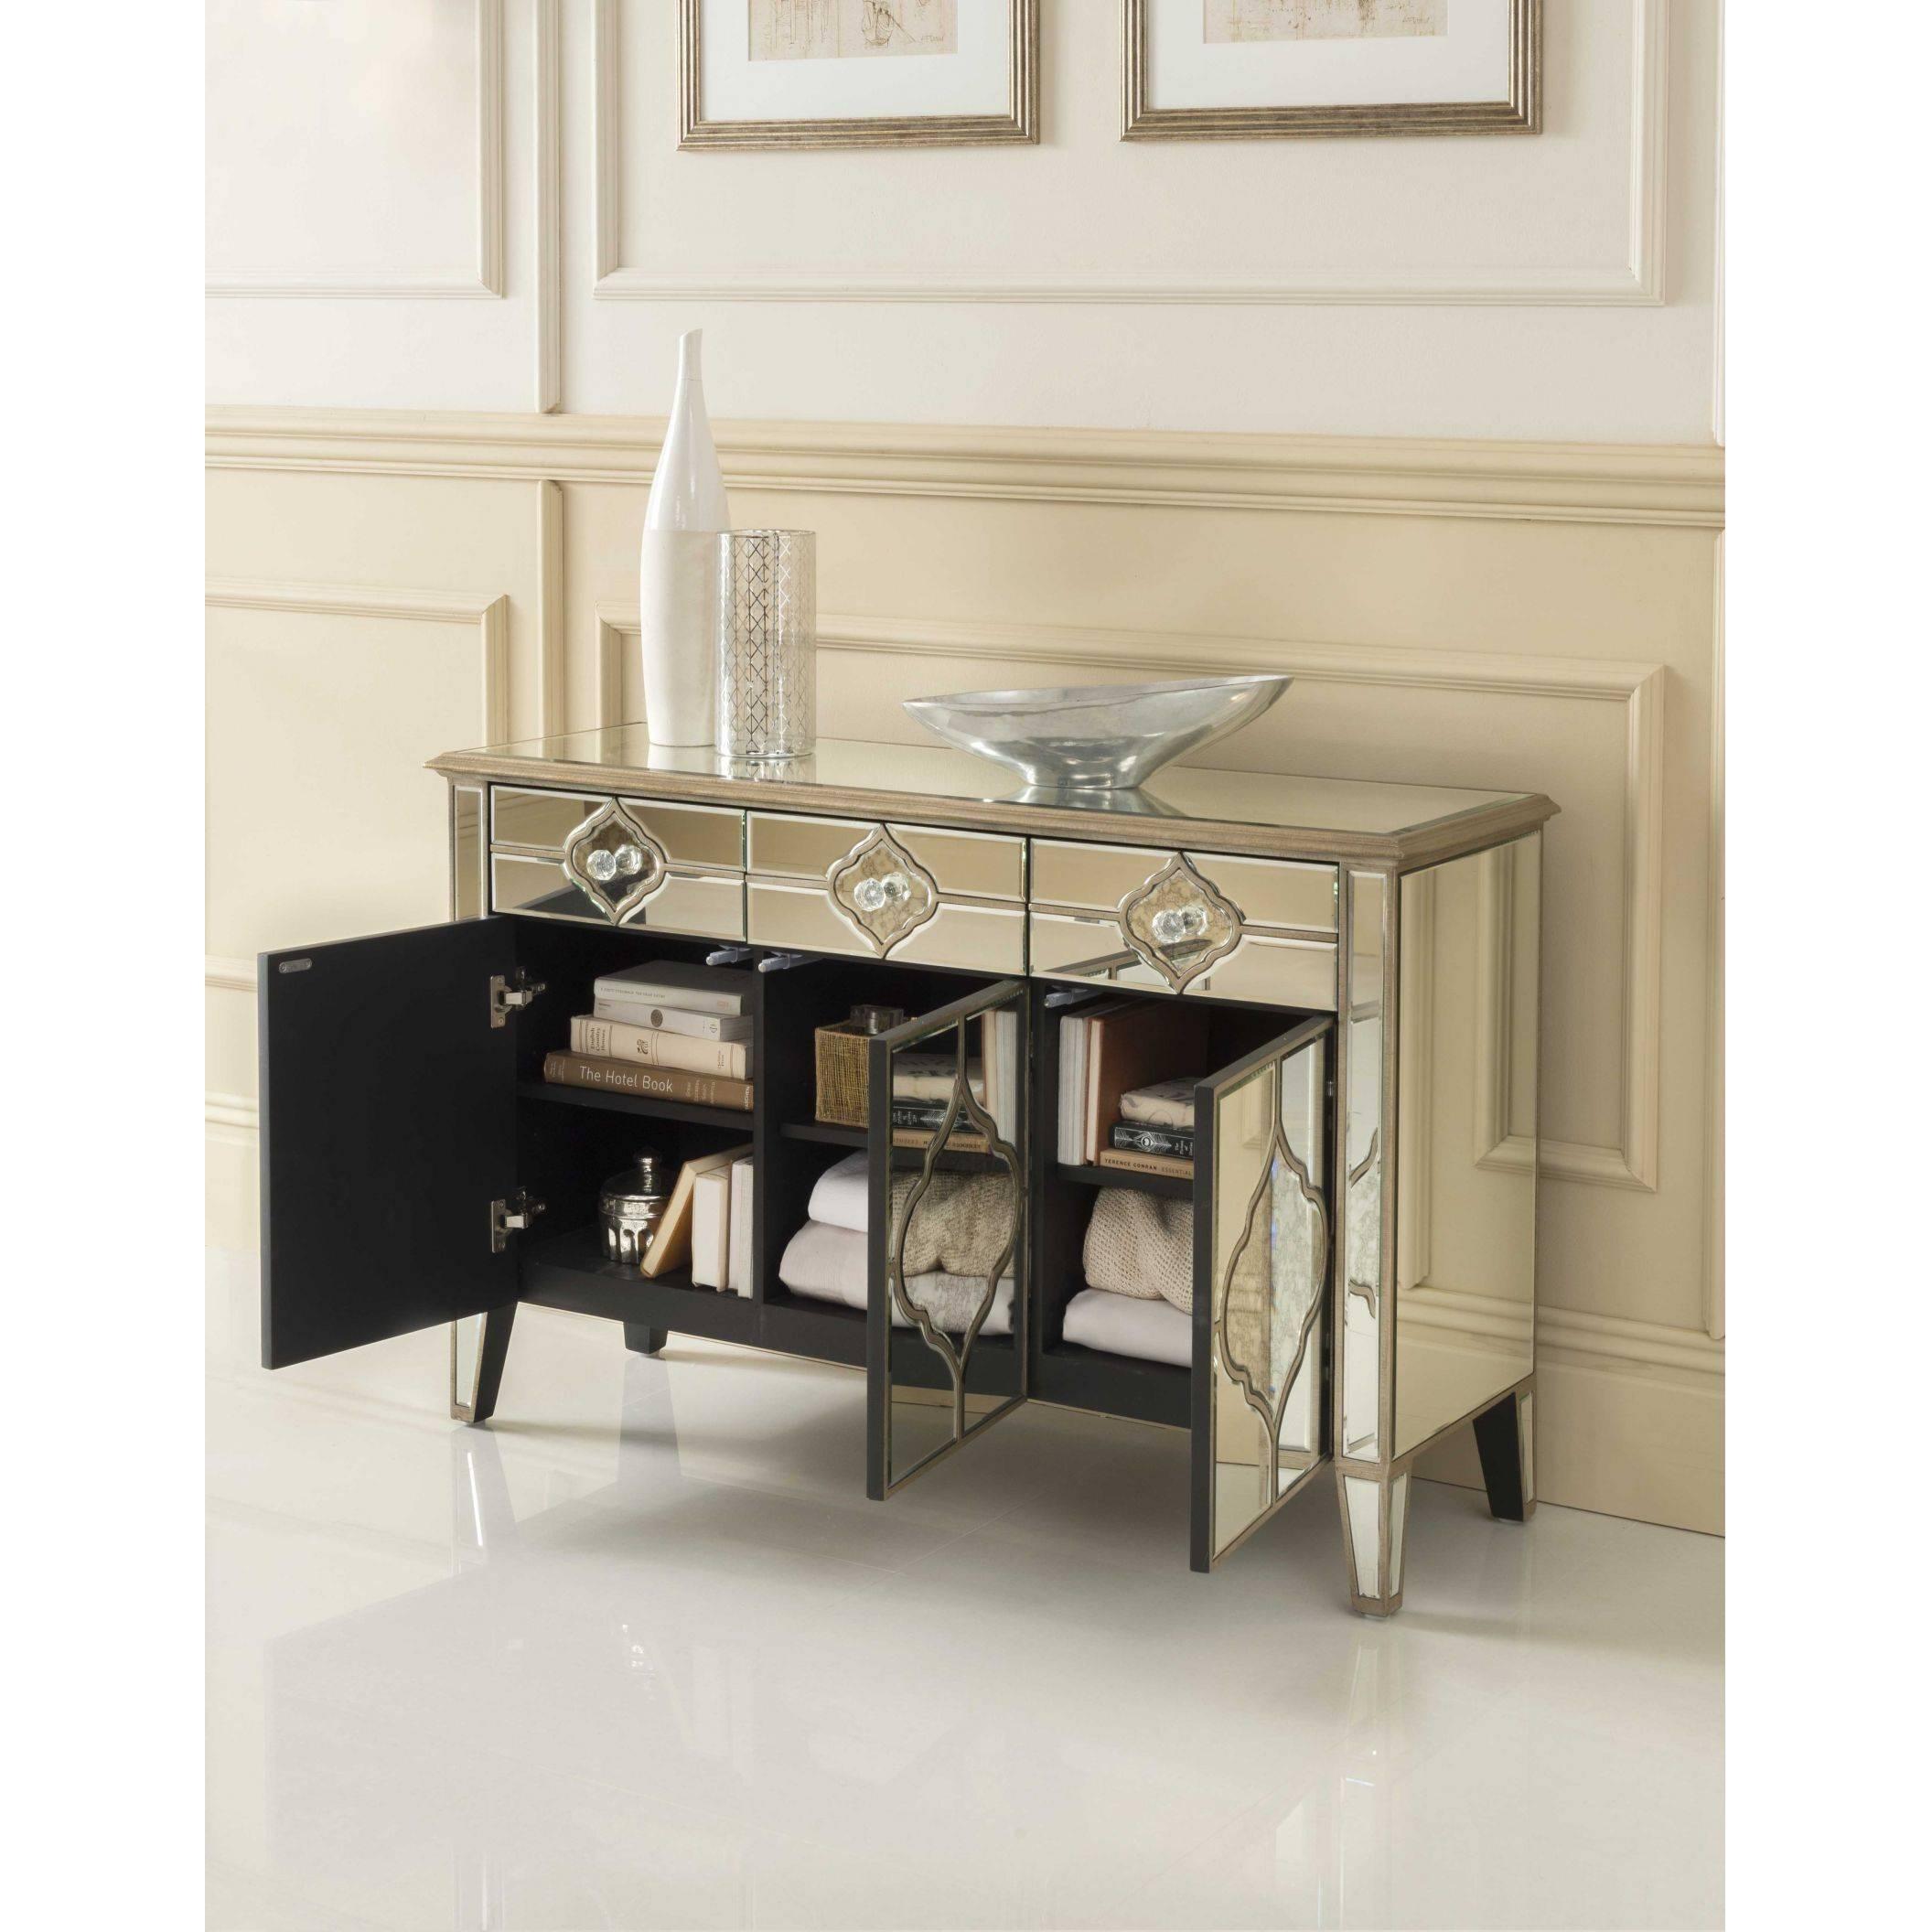 Sassari Mirrored Sideboard   Venetian Glass Furniture In Mirrored Sideboard Furniture (View 9 of 20)